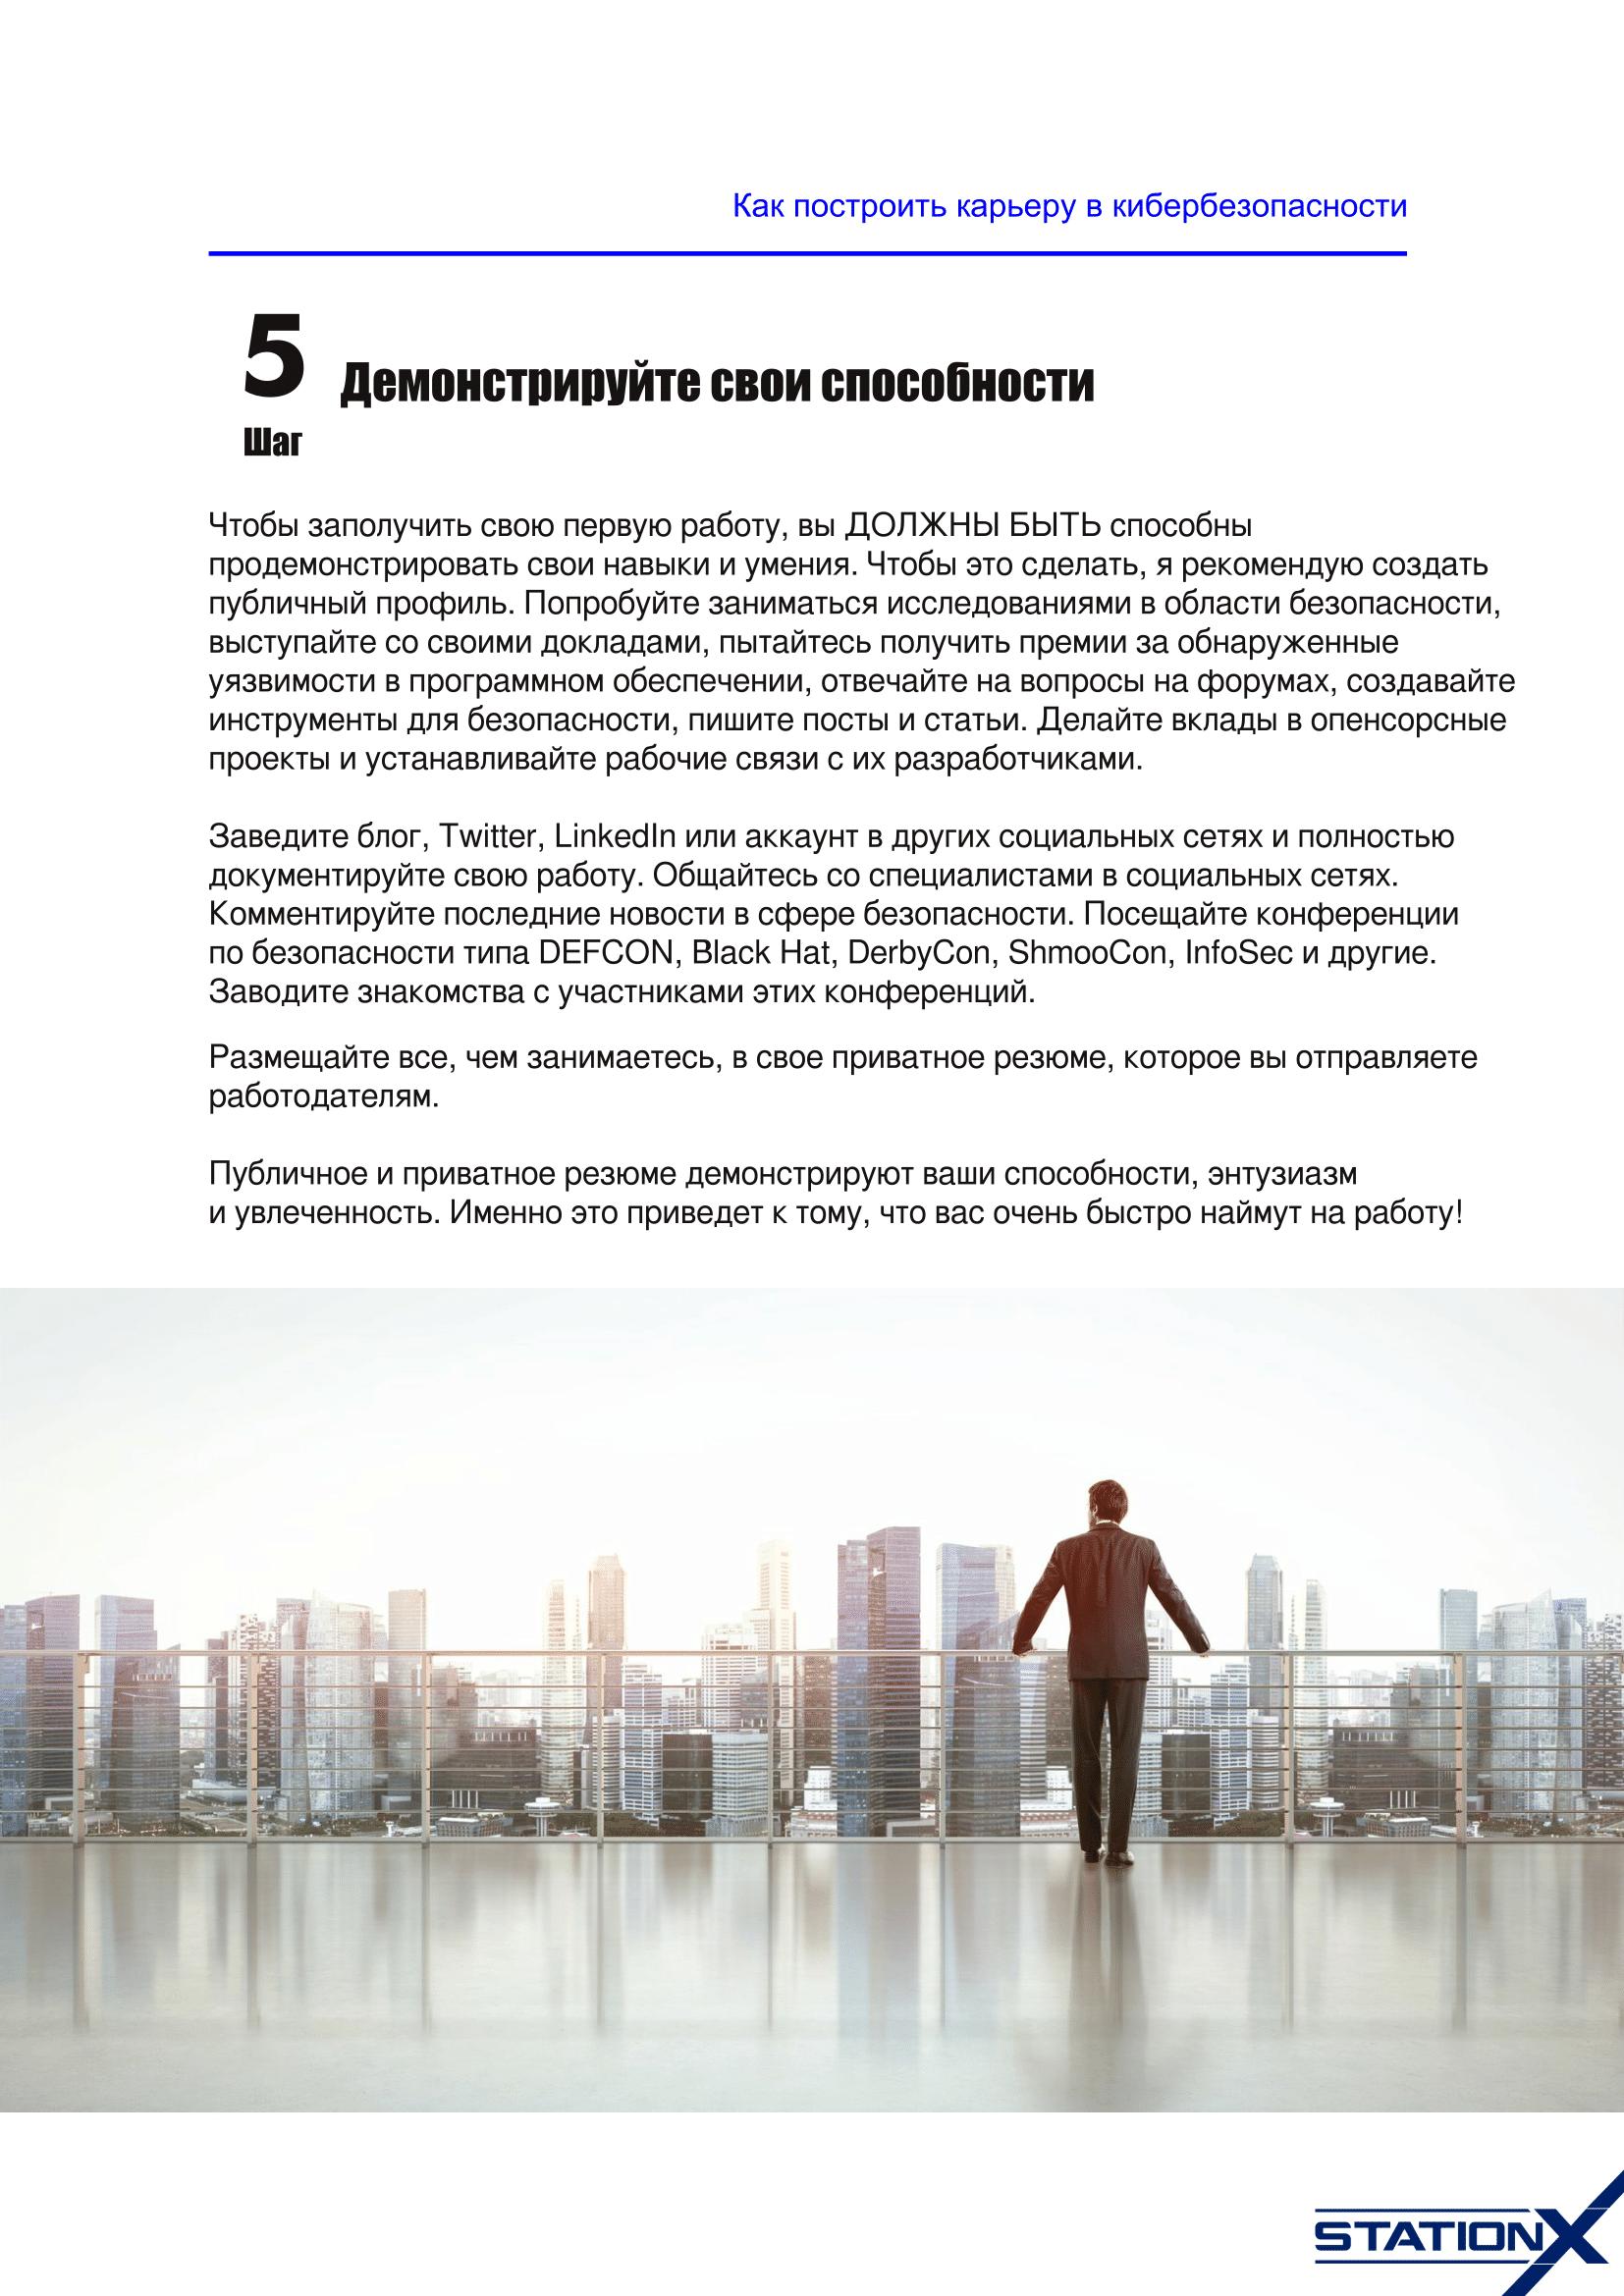 Как_построить_карьеру_в_кибербезопасности-6.png